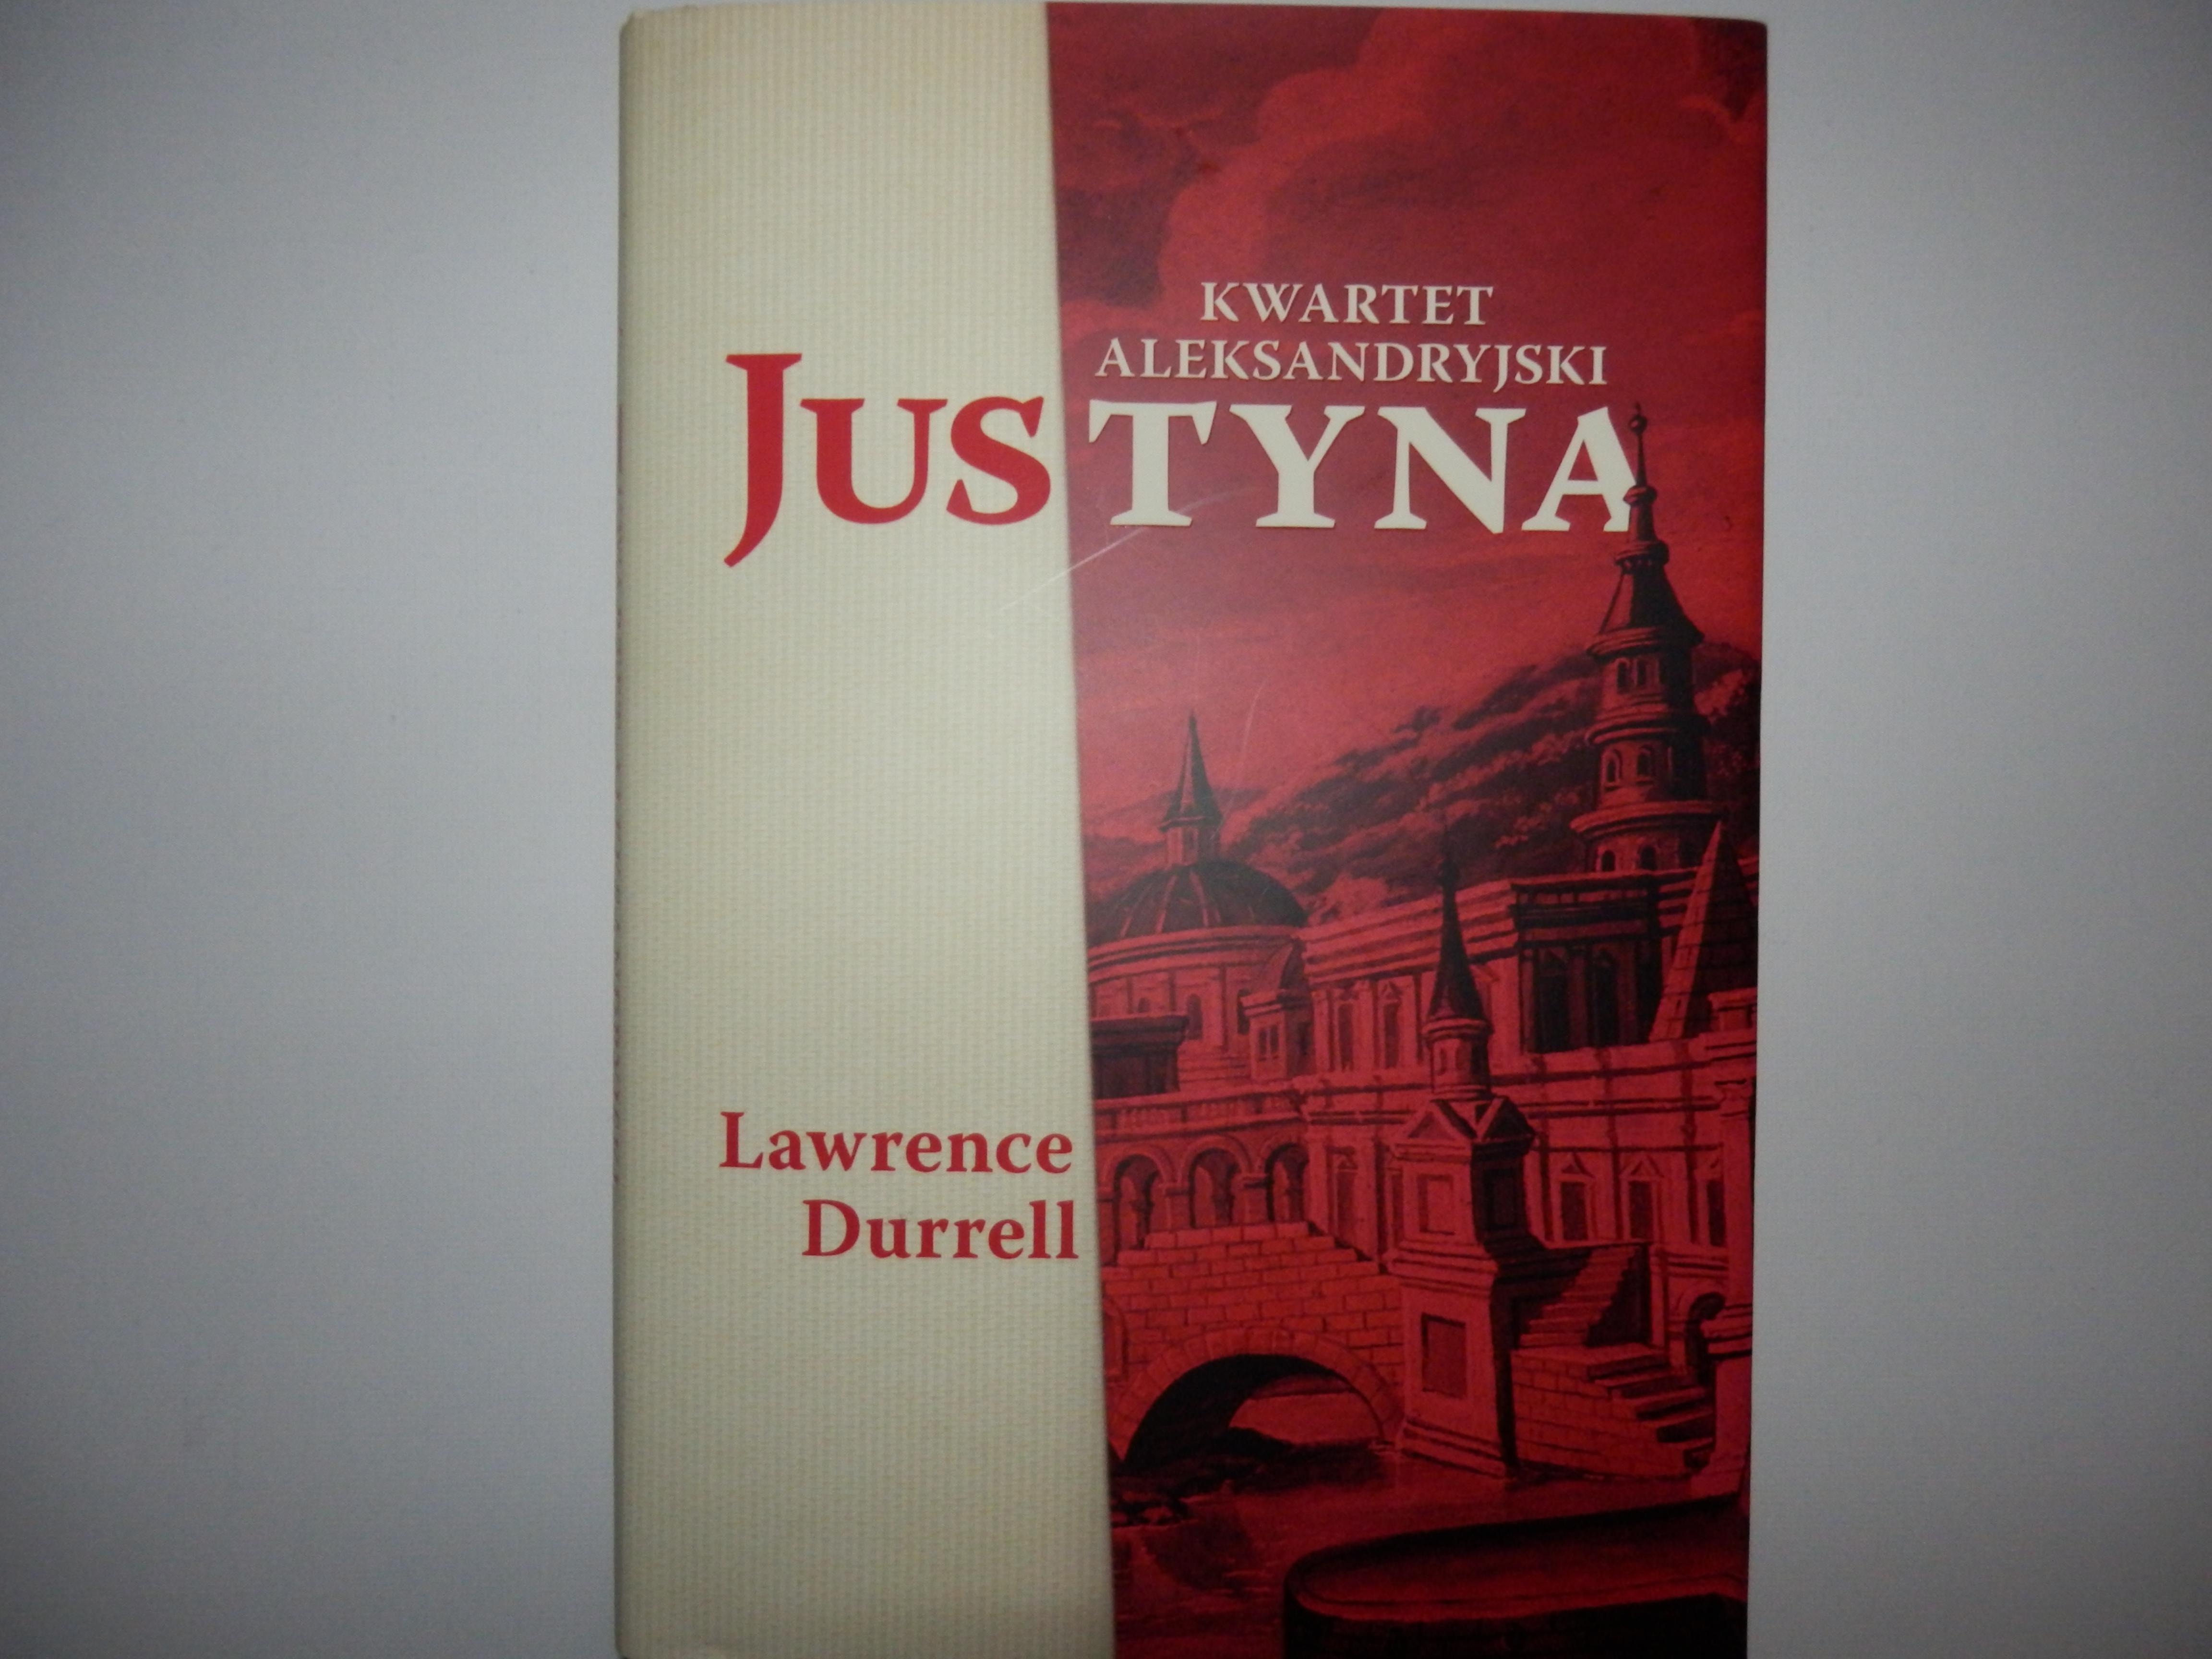 justyna kwartet aleksandryjski - Maciej Mazurek